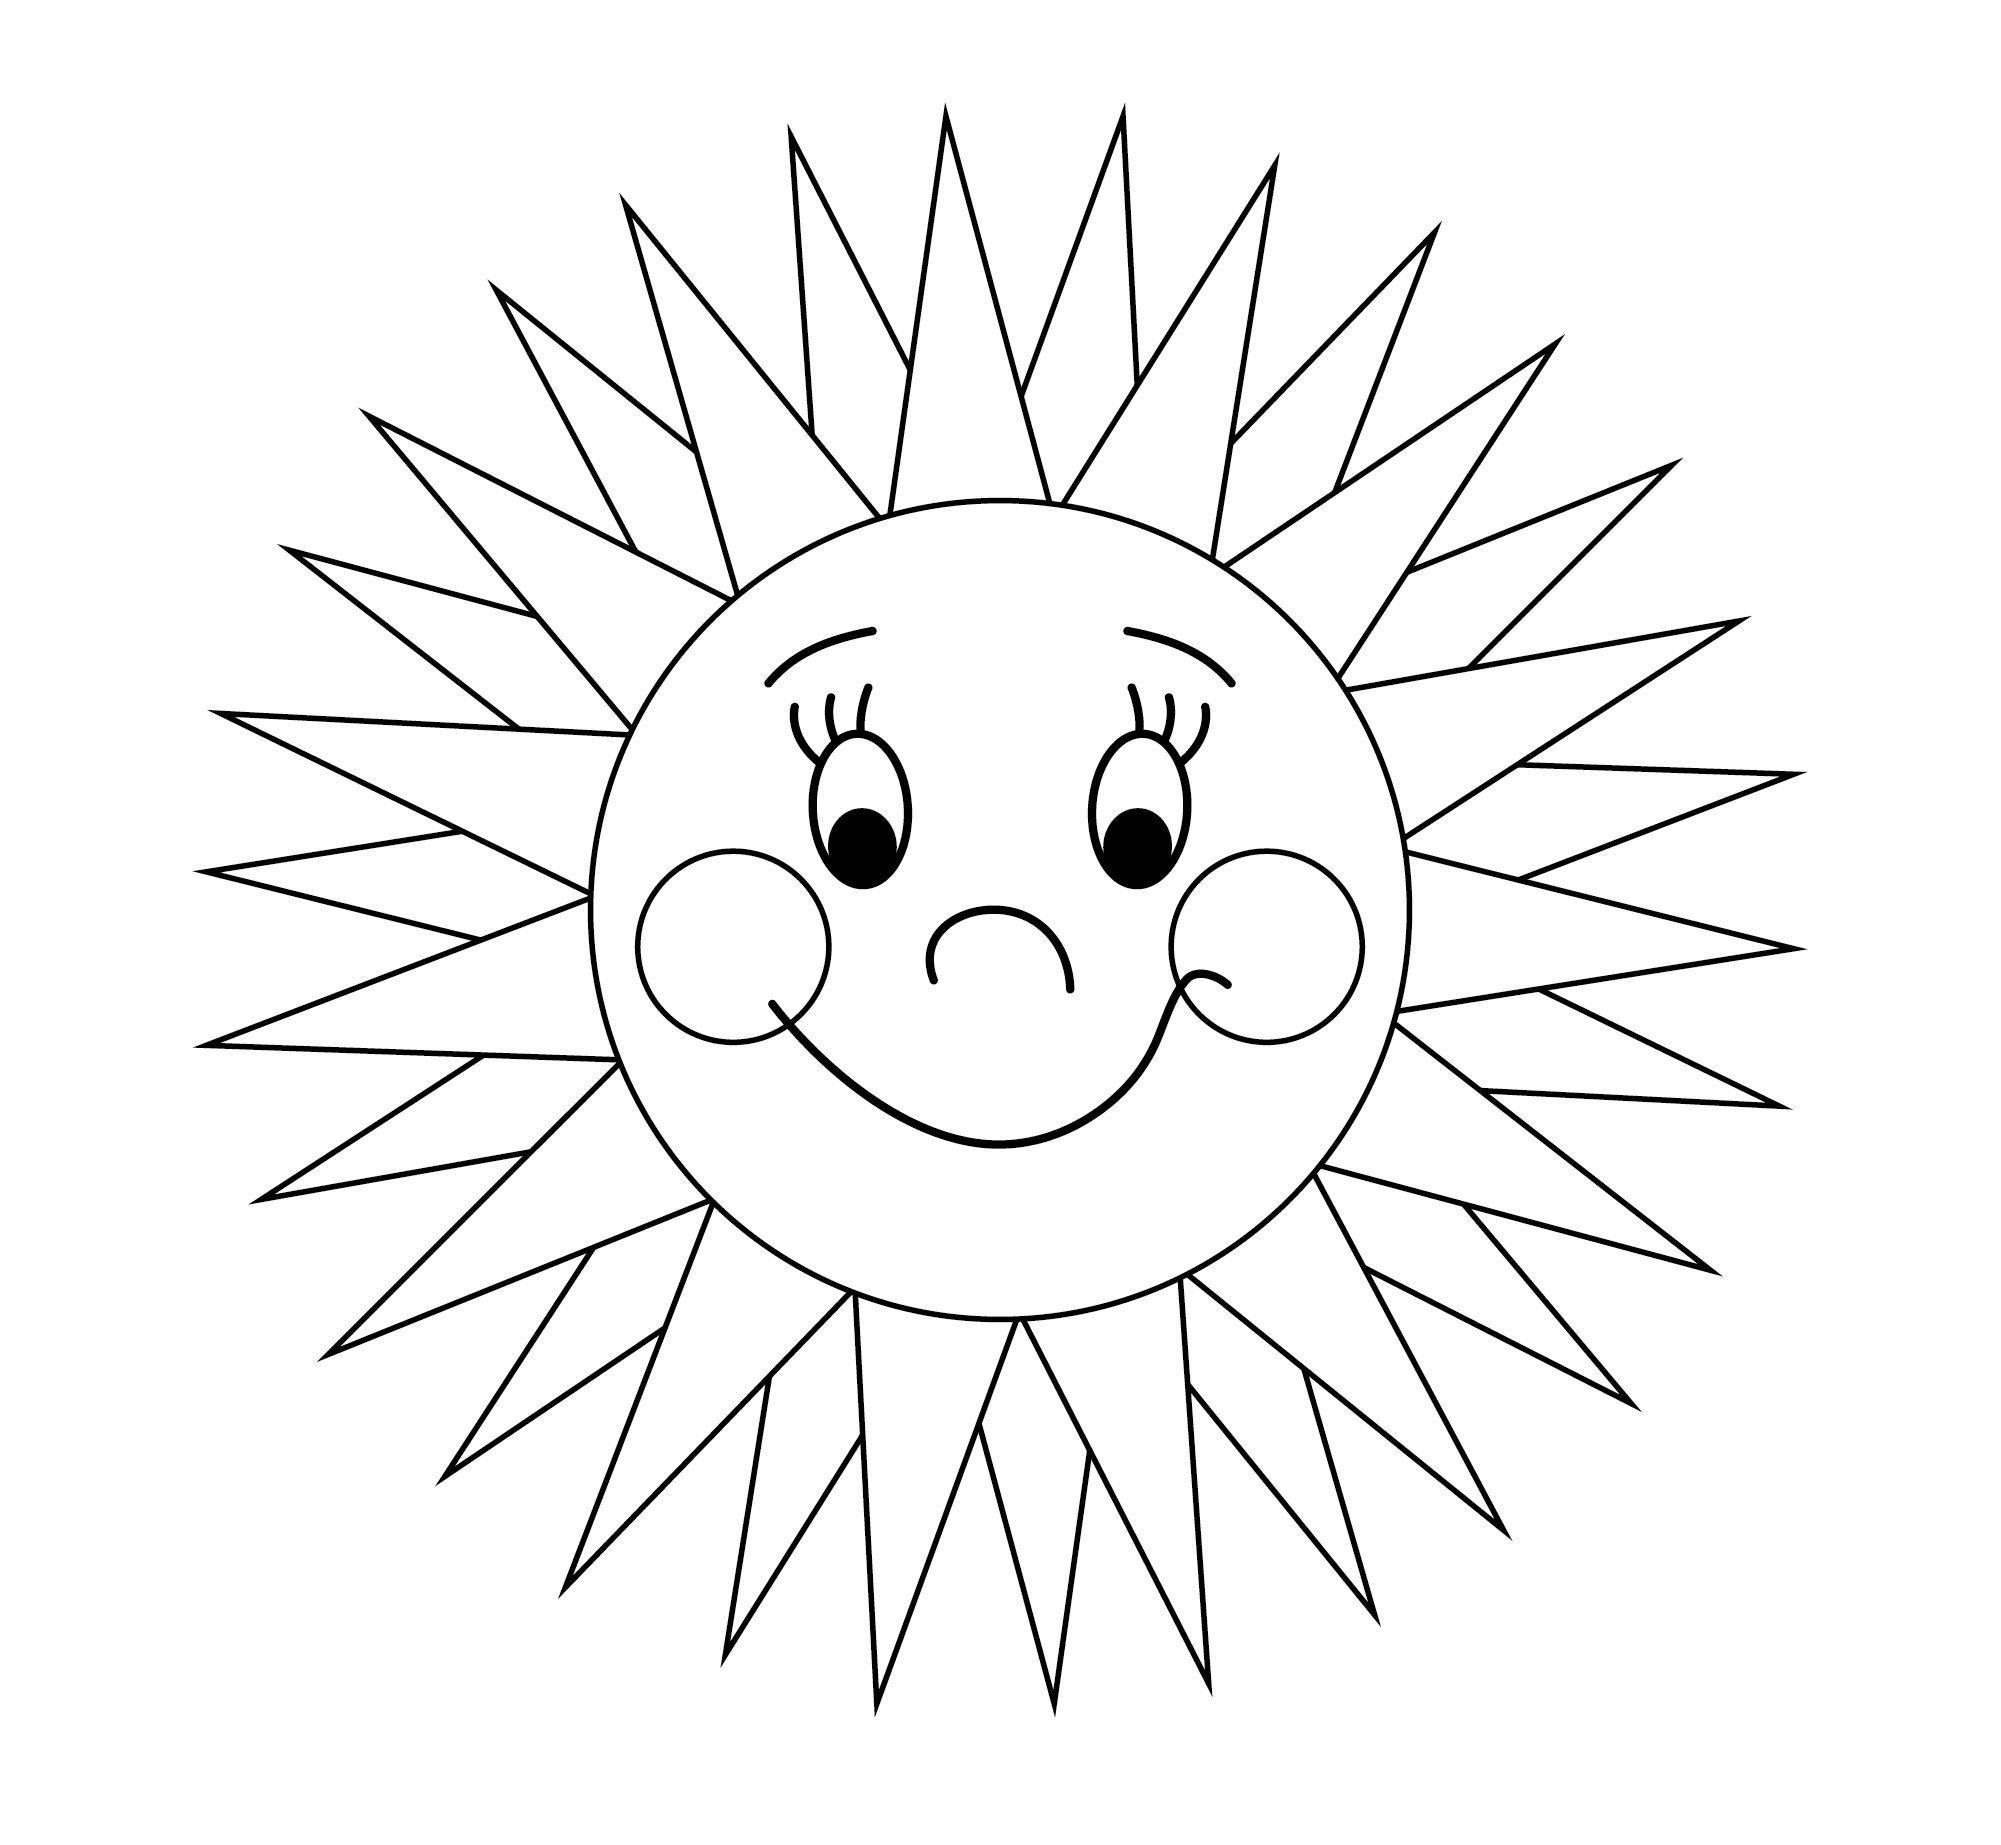 Ausmalbilder Sonne Kostenlos Ausdrucken | Malvorlagen mit Bastelvorlage Sonne